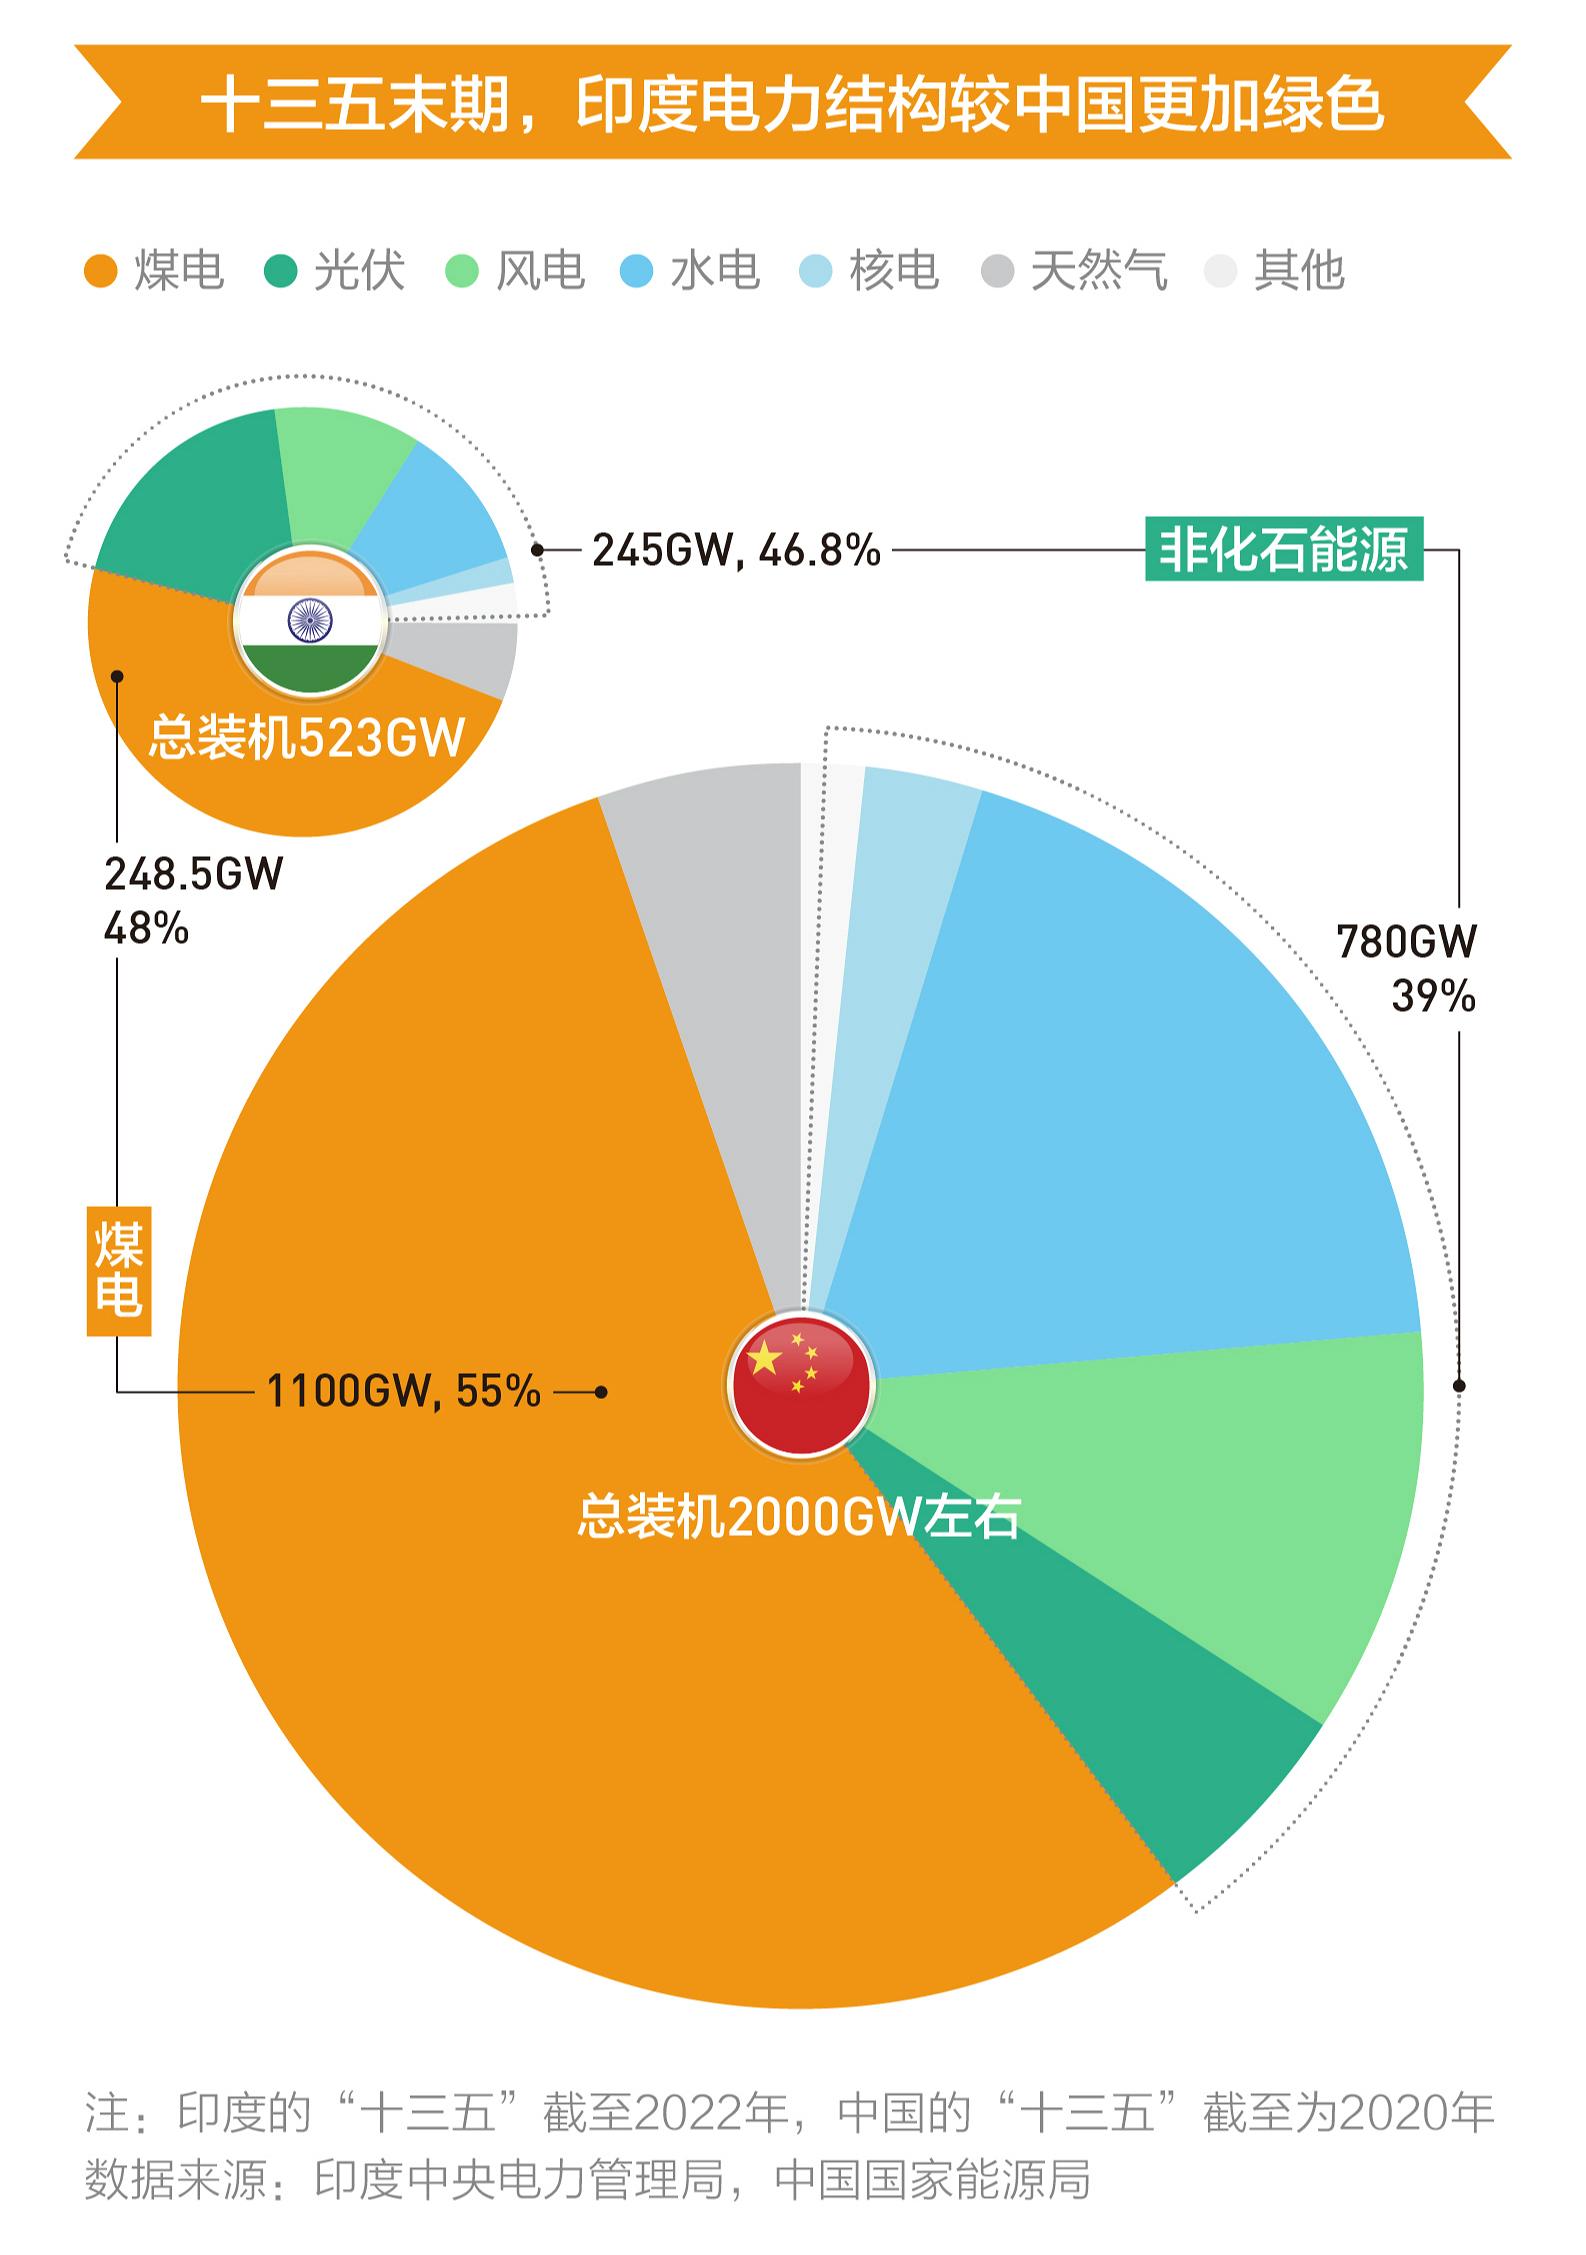 中印电力结构比较(十三五末期)